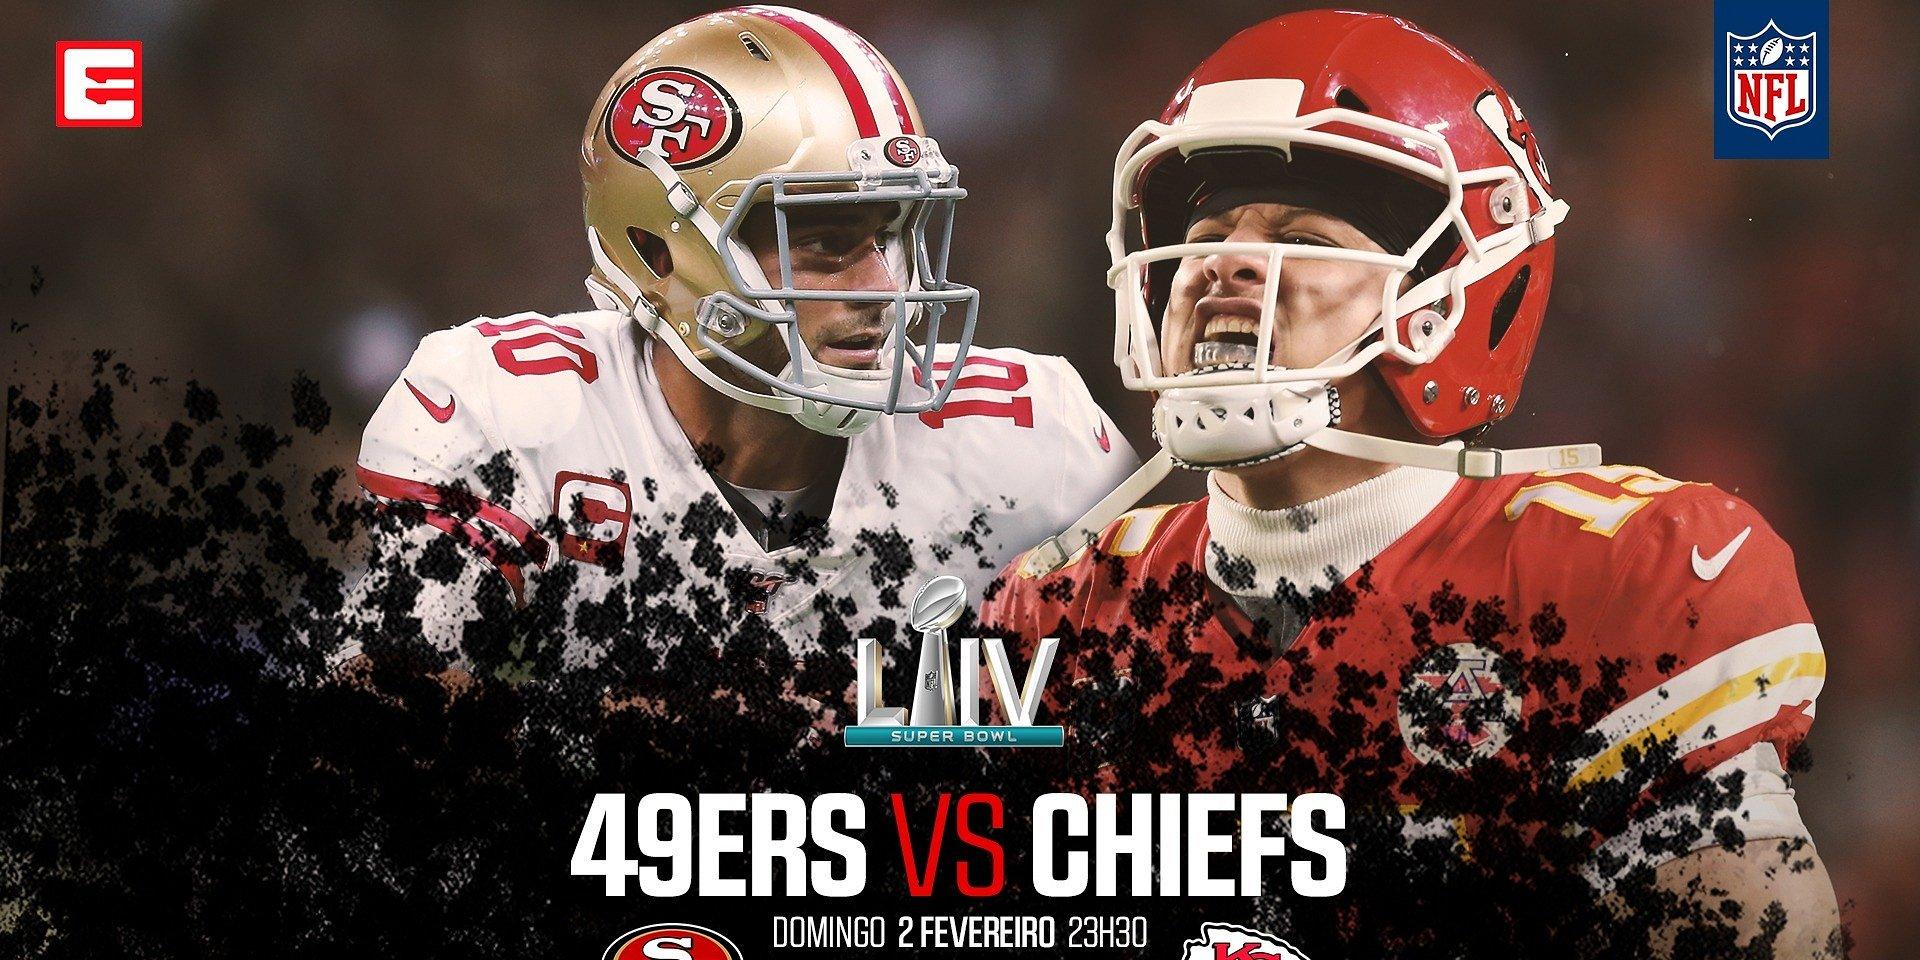 Super Bowl LIV com transmissão em Direto e em Alta Definição na Eleven Sports